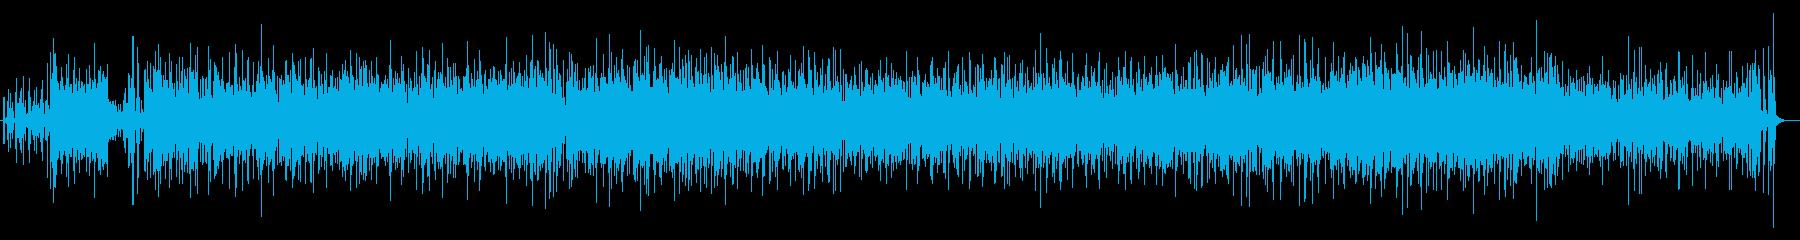 ブライダルに使えるボサノヴァフュージョンの再生済みの波形